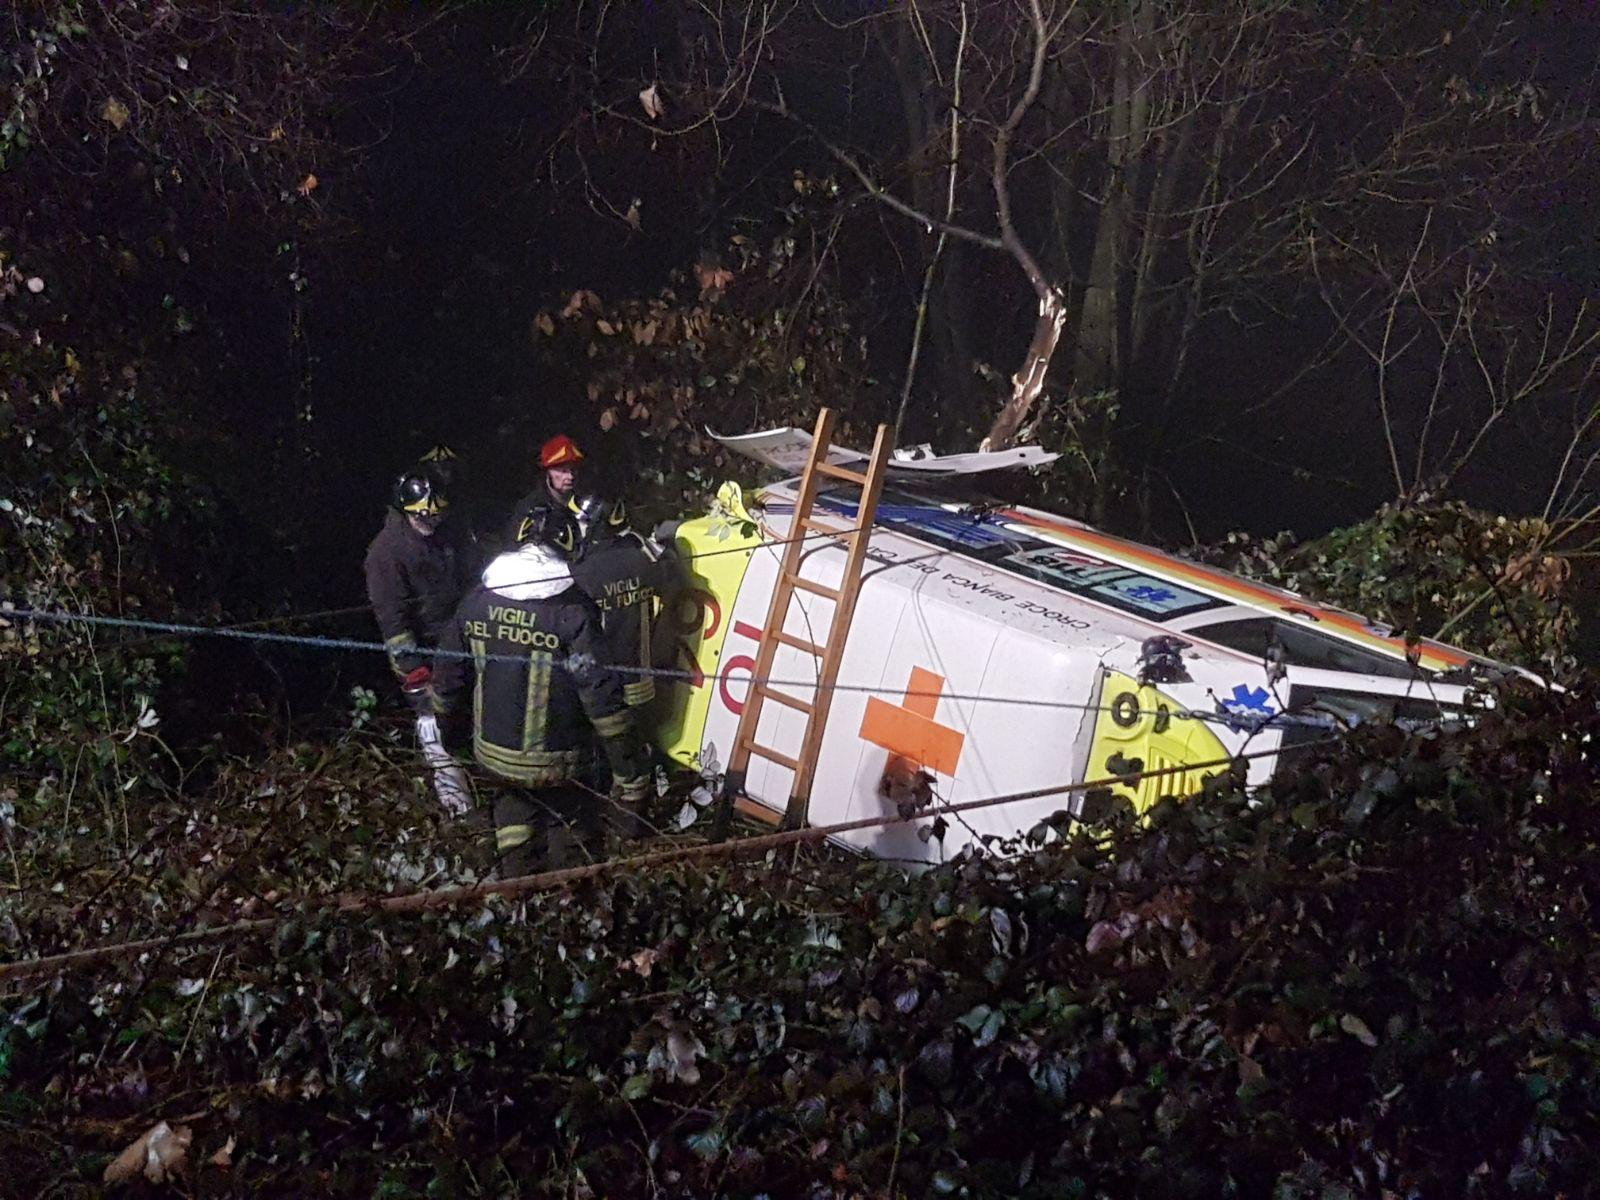 Incidente mortale per una ambulanza in Piemonte, muore il paziente a bordo